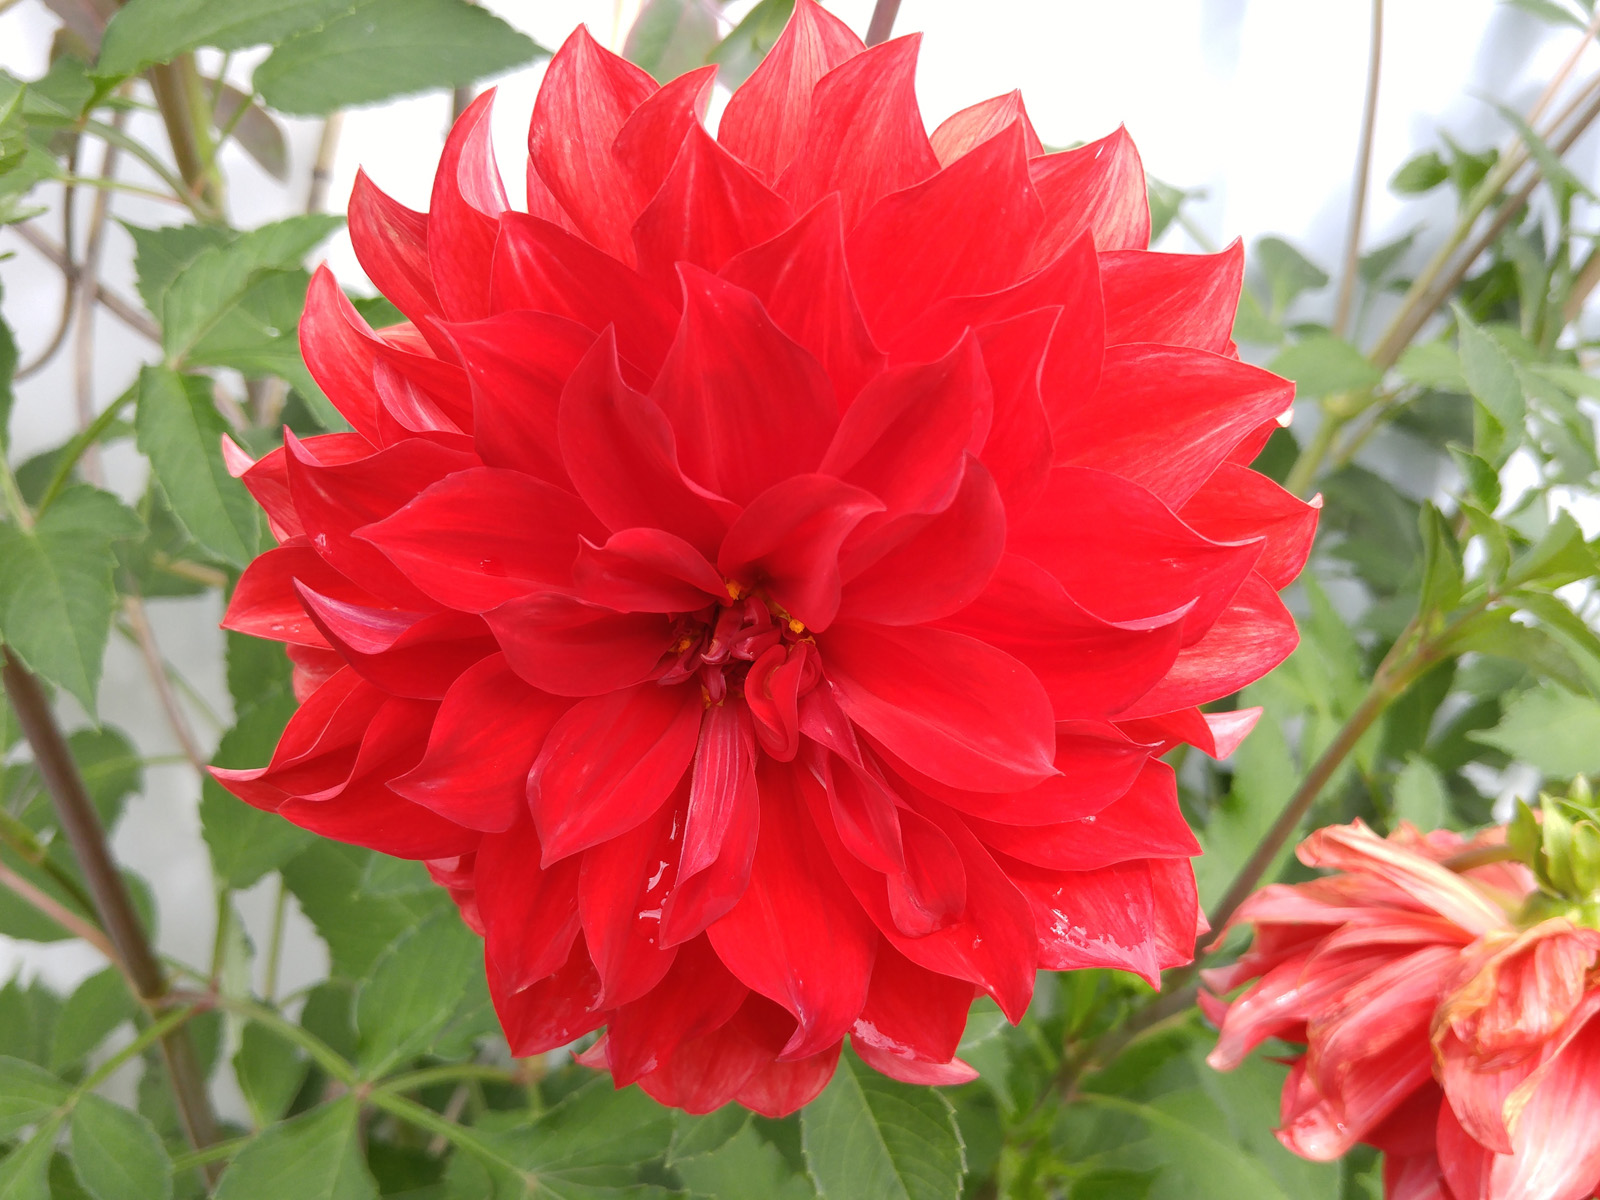 Яркий цветок (LG G4)